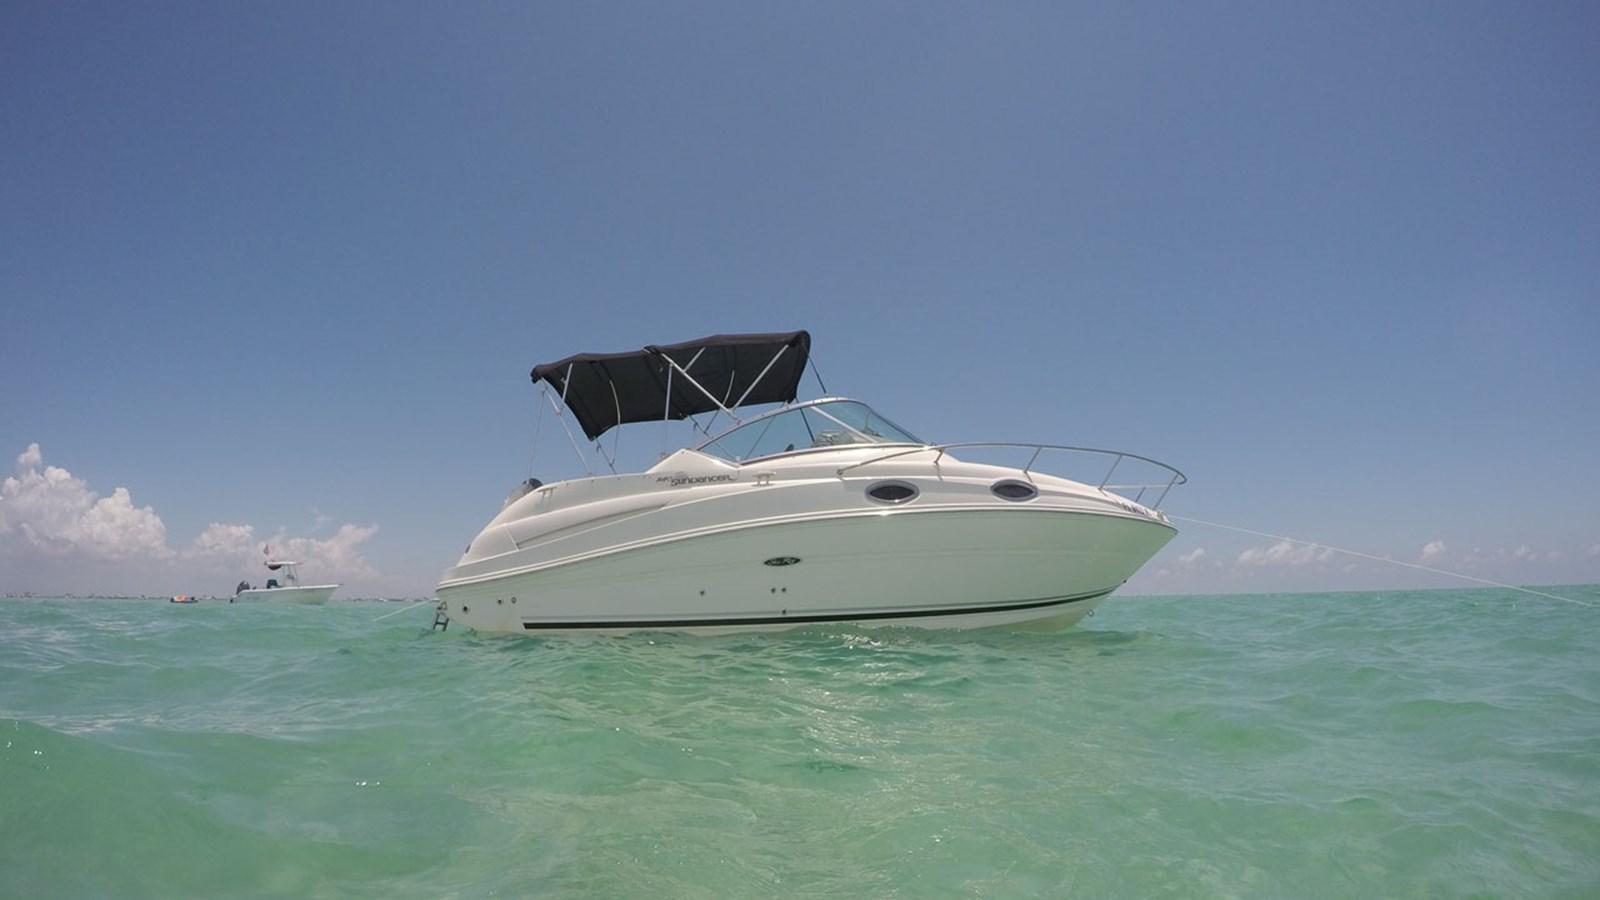 2007 SEA RAY 240 Sundancer For Sale